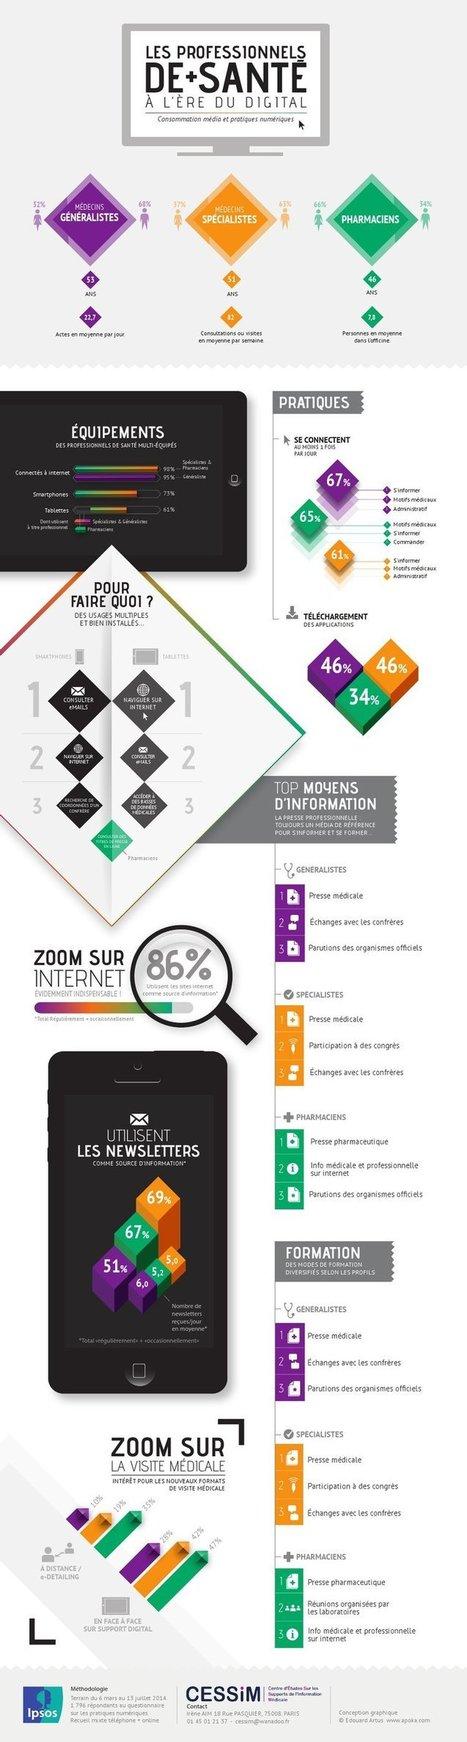 Infographie : l'adoption du digital par les professionnels de la santé | Le monde pharmaceutique | Scoop.it